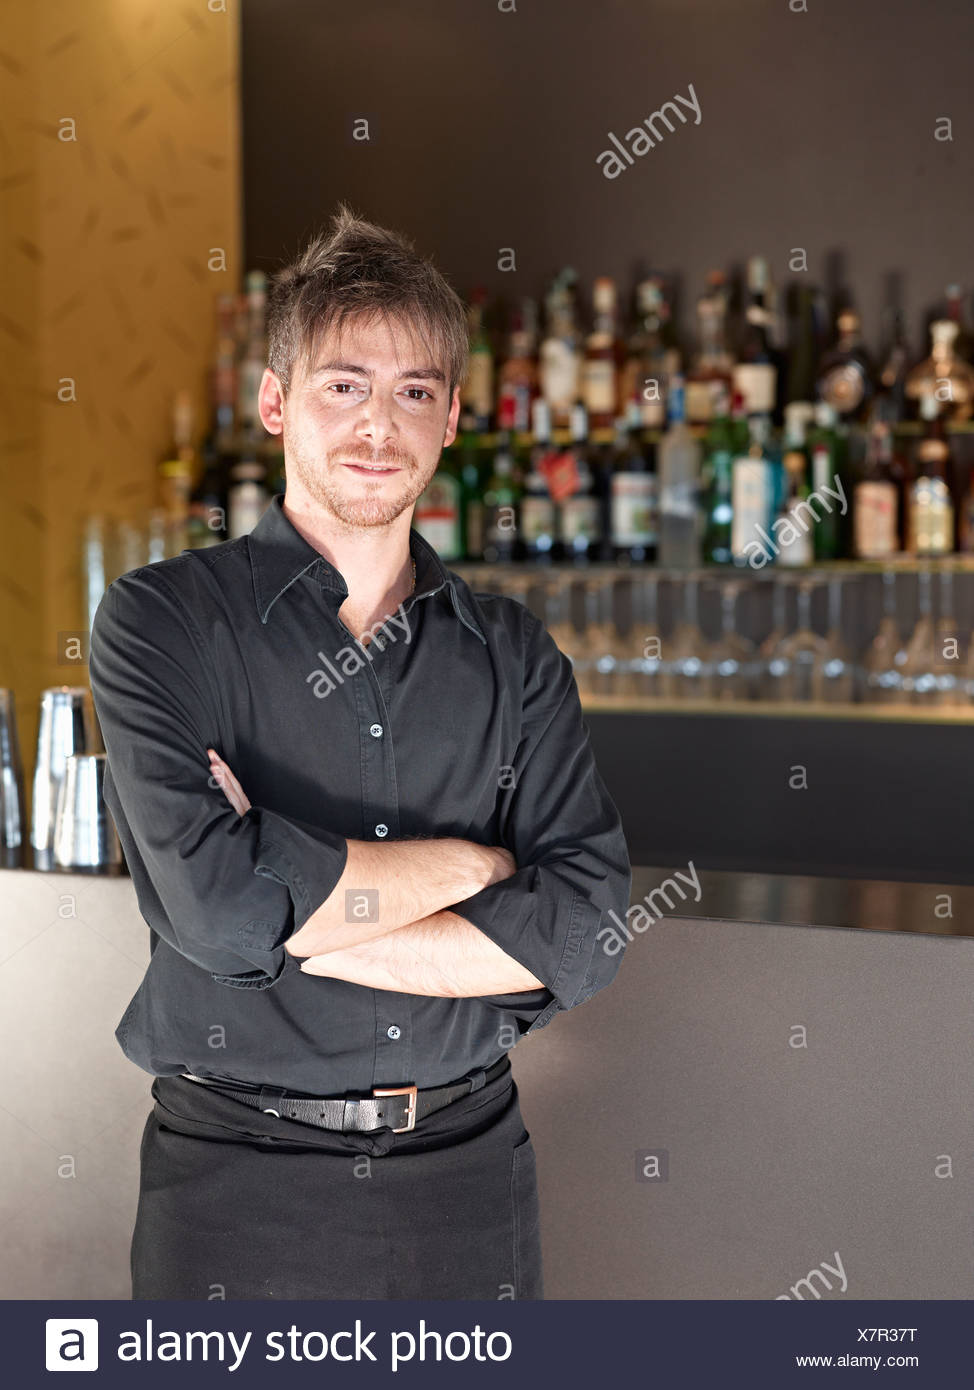 Bar-Tender Stockbild